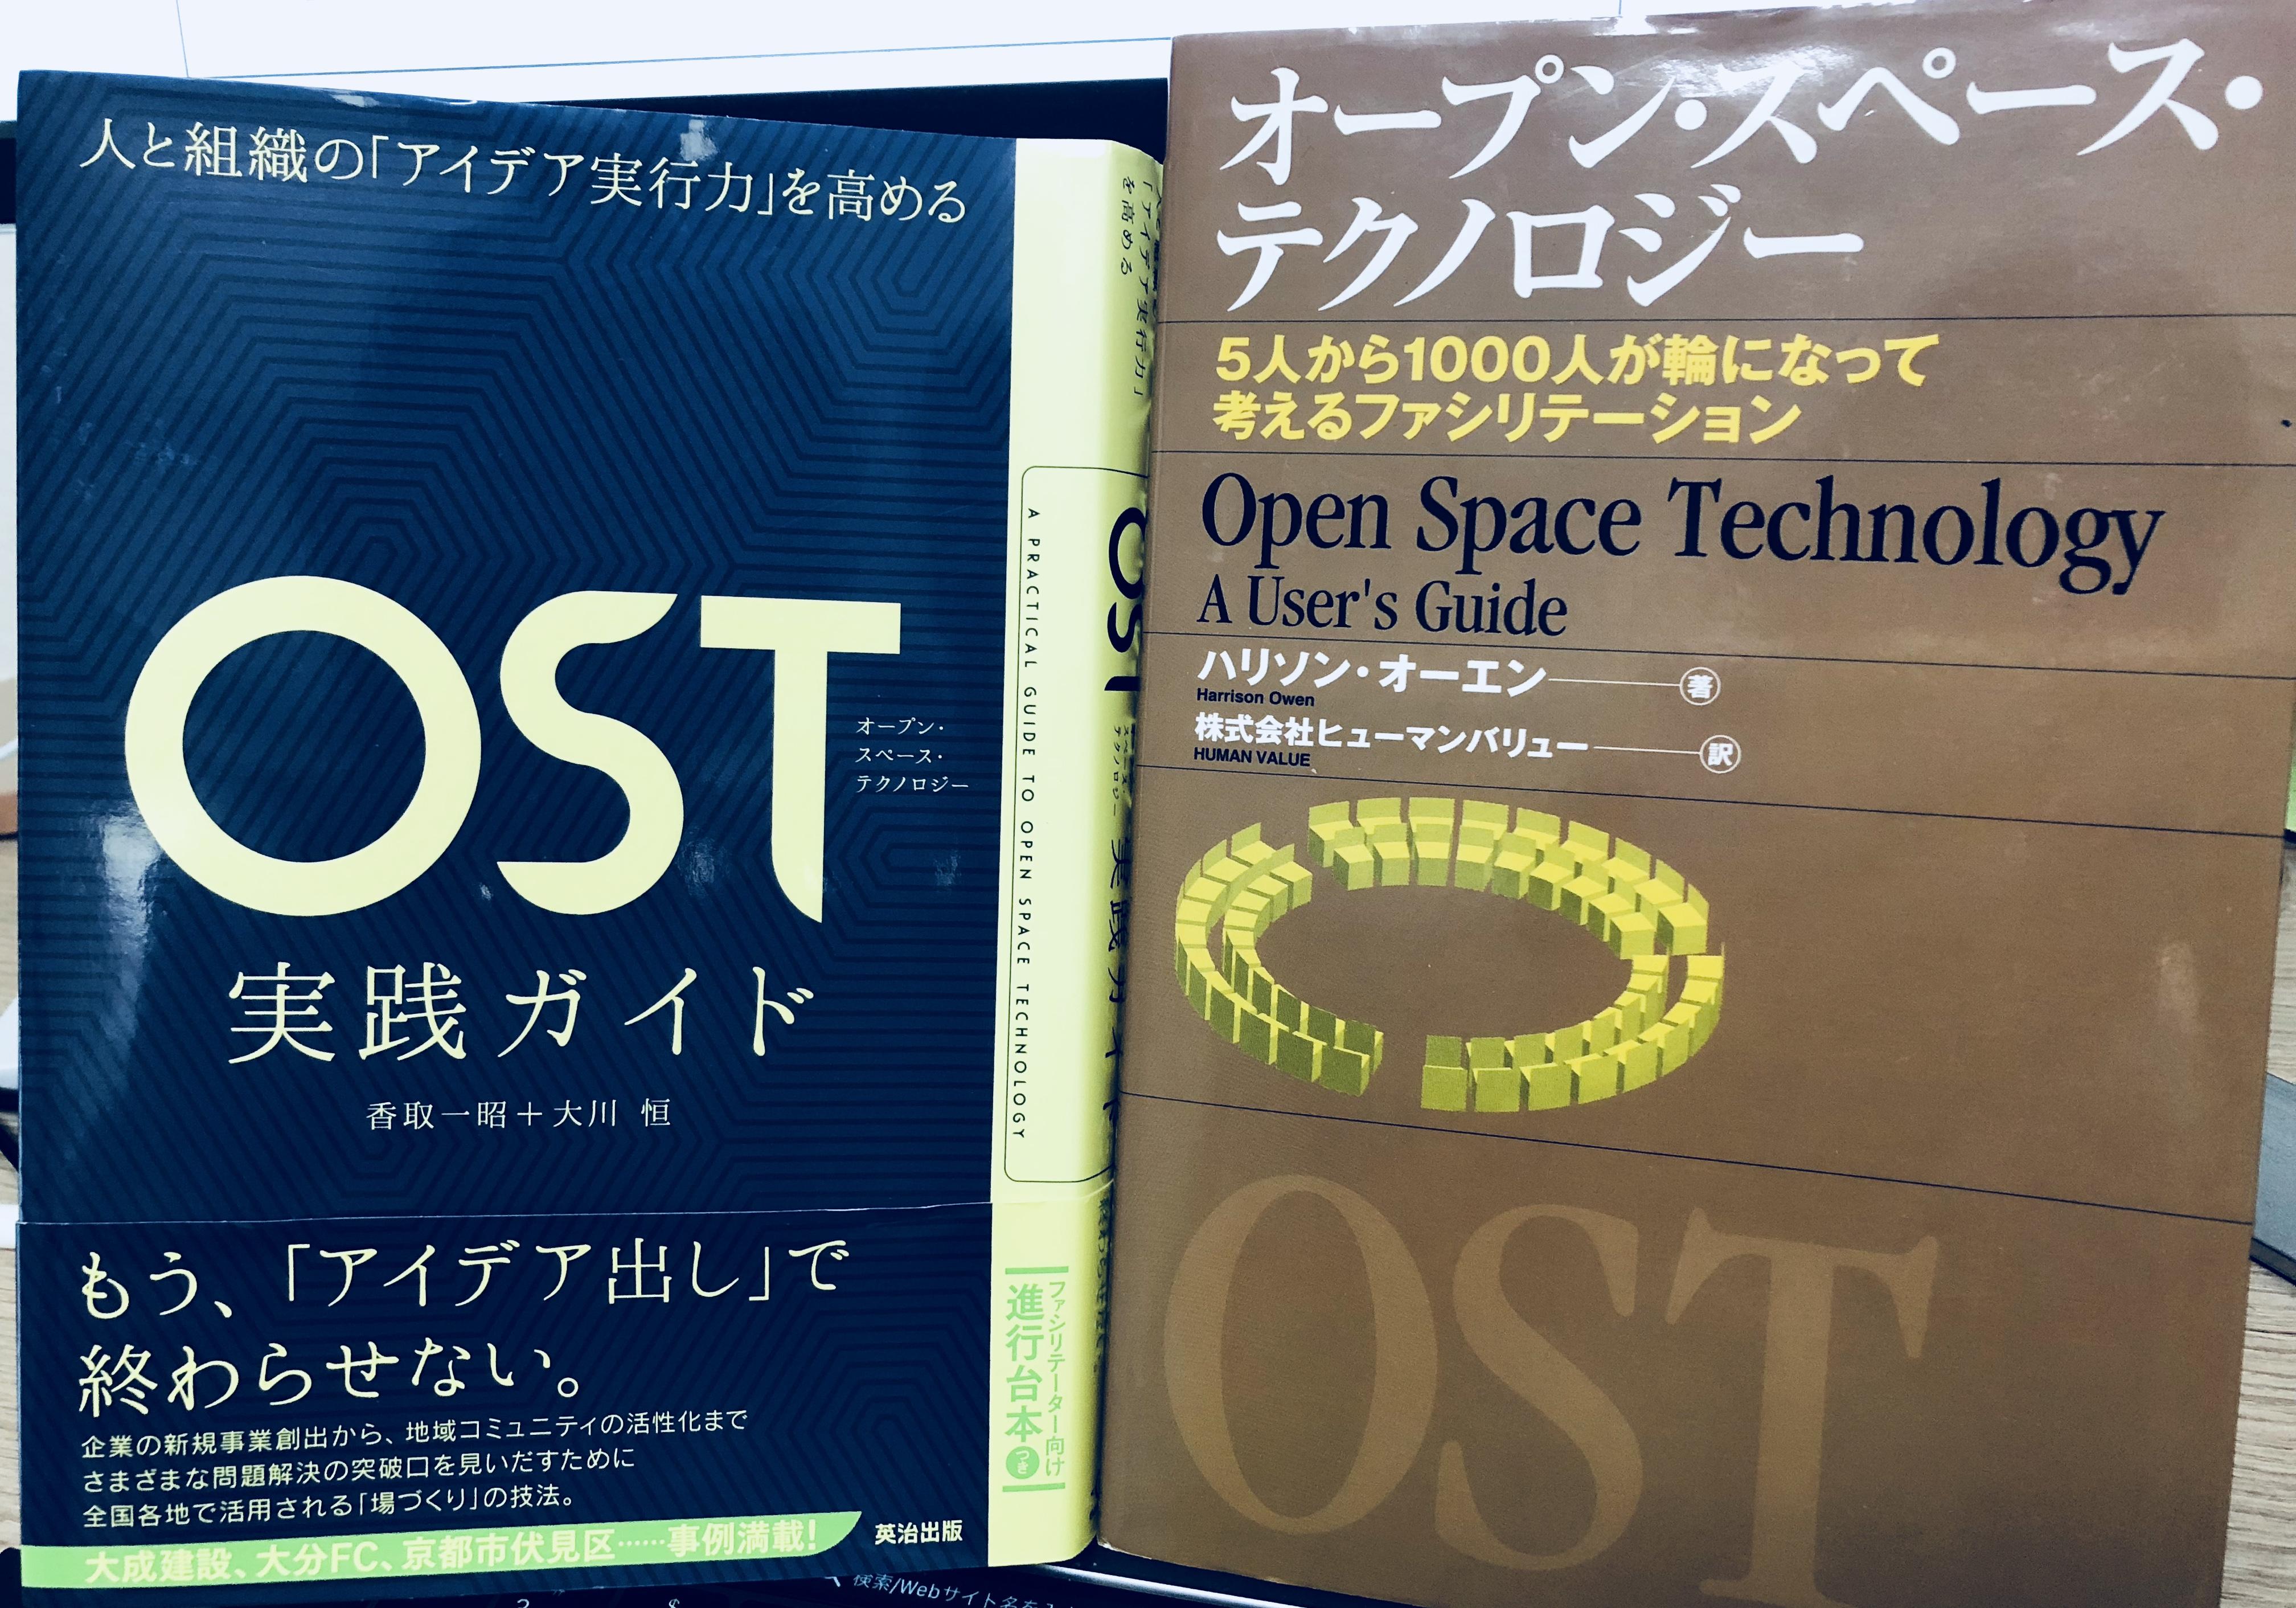 香取一昭・大川恒『OST実践ガイド』